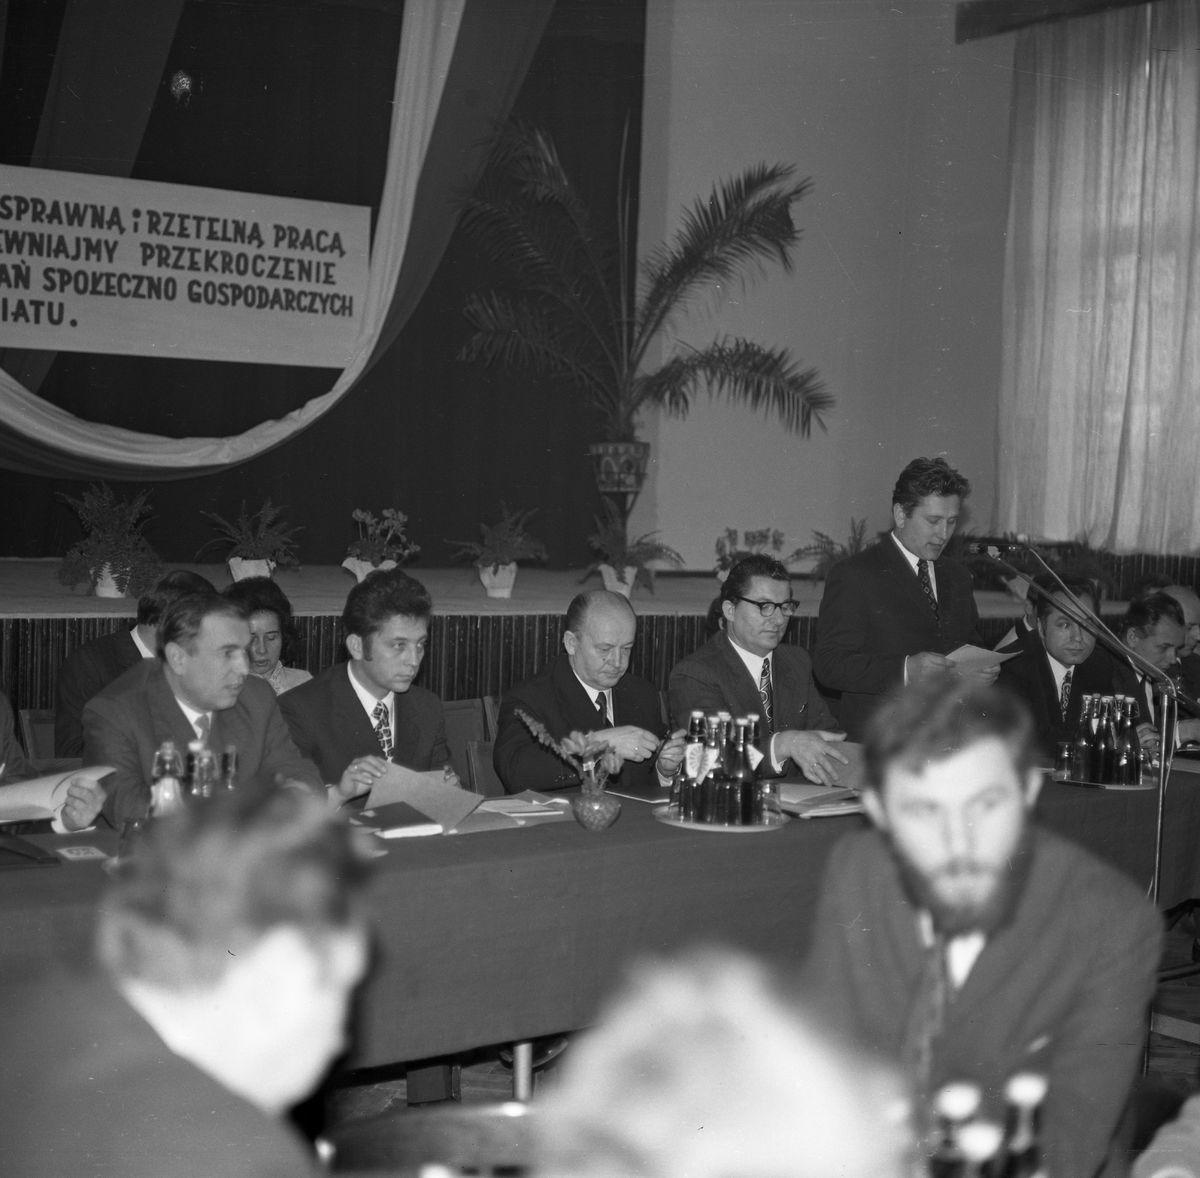 Spotkanie powiatowych struktur PZPR, 1974 r.